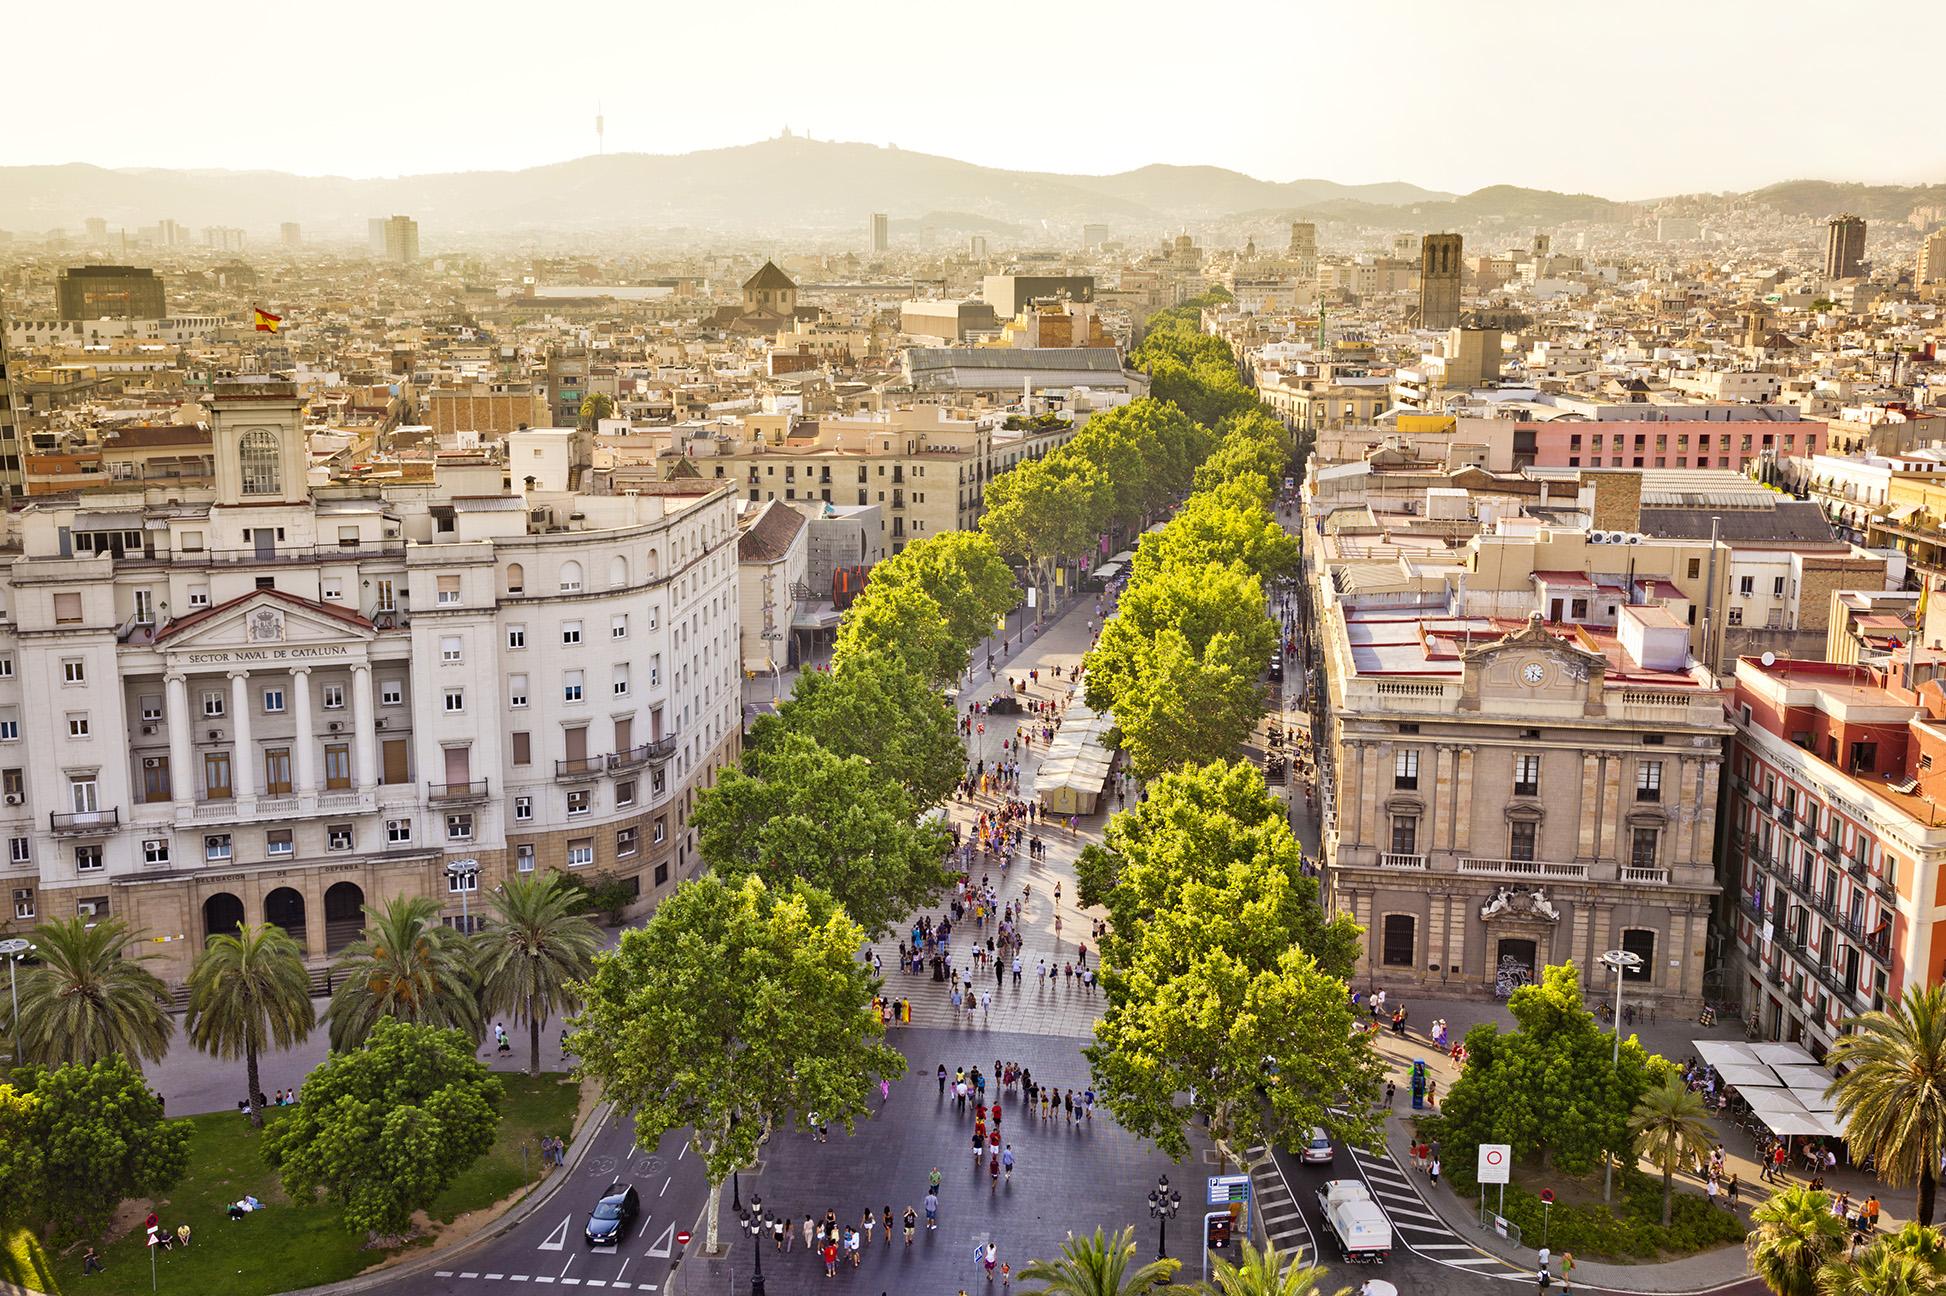 La Rambla in Barcelona